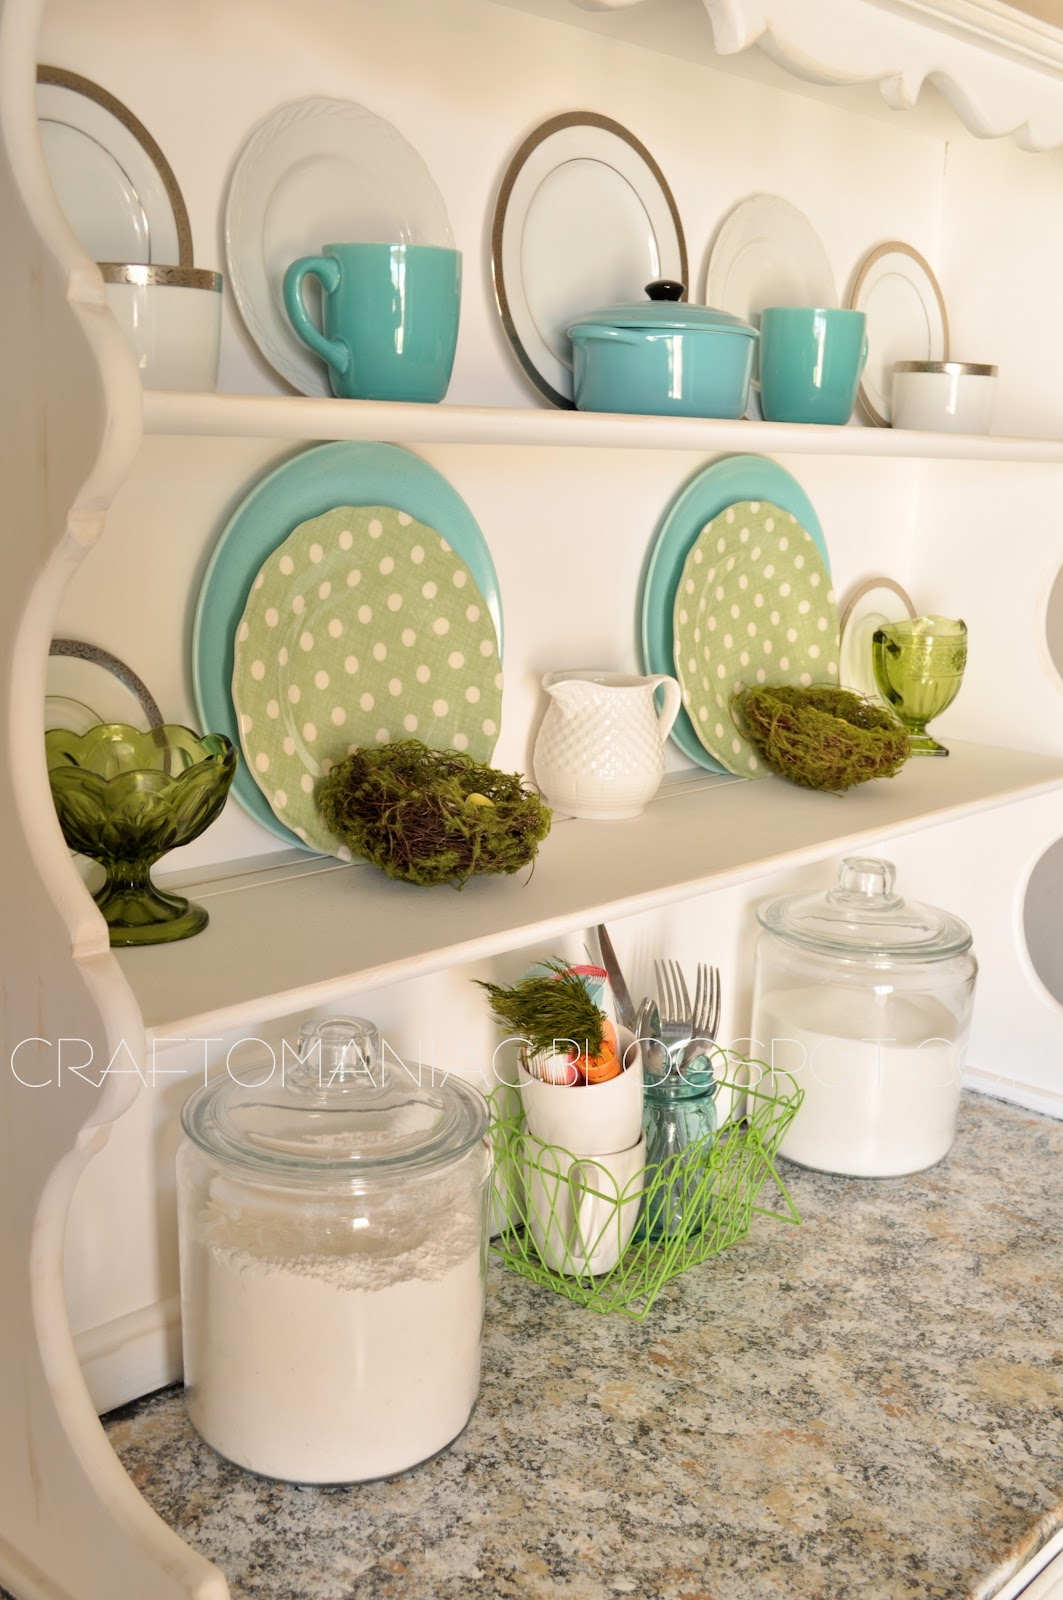 Spring home decor spring hutch craft o maniac for Spring home decor